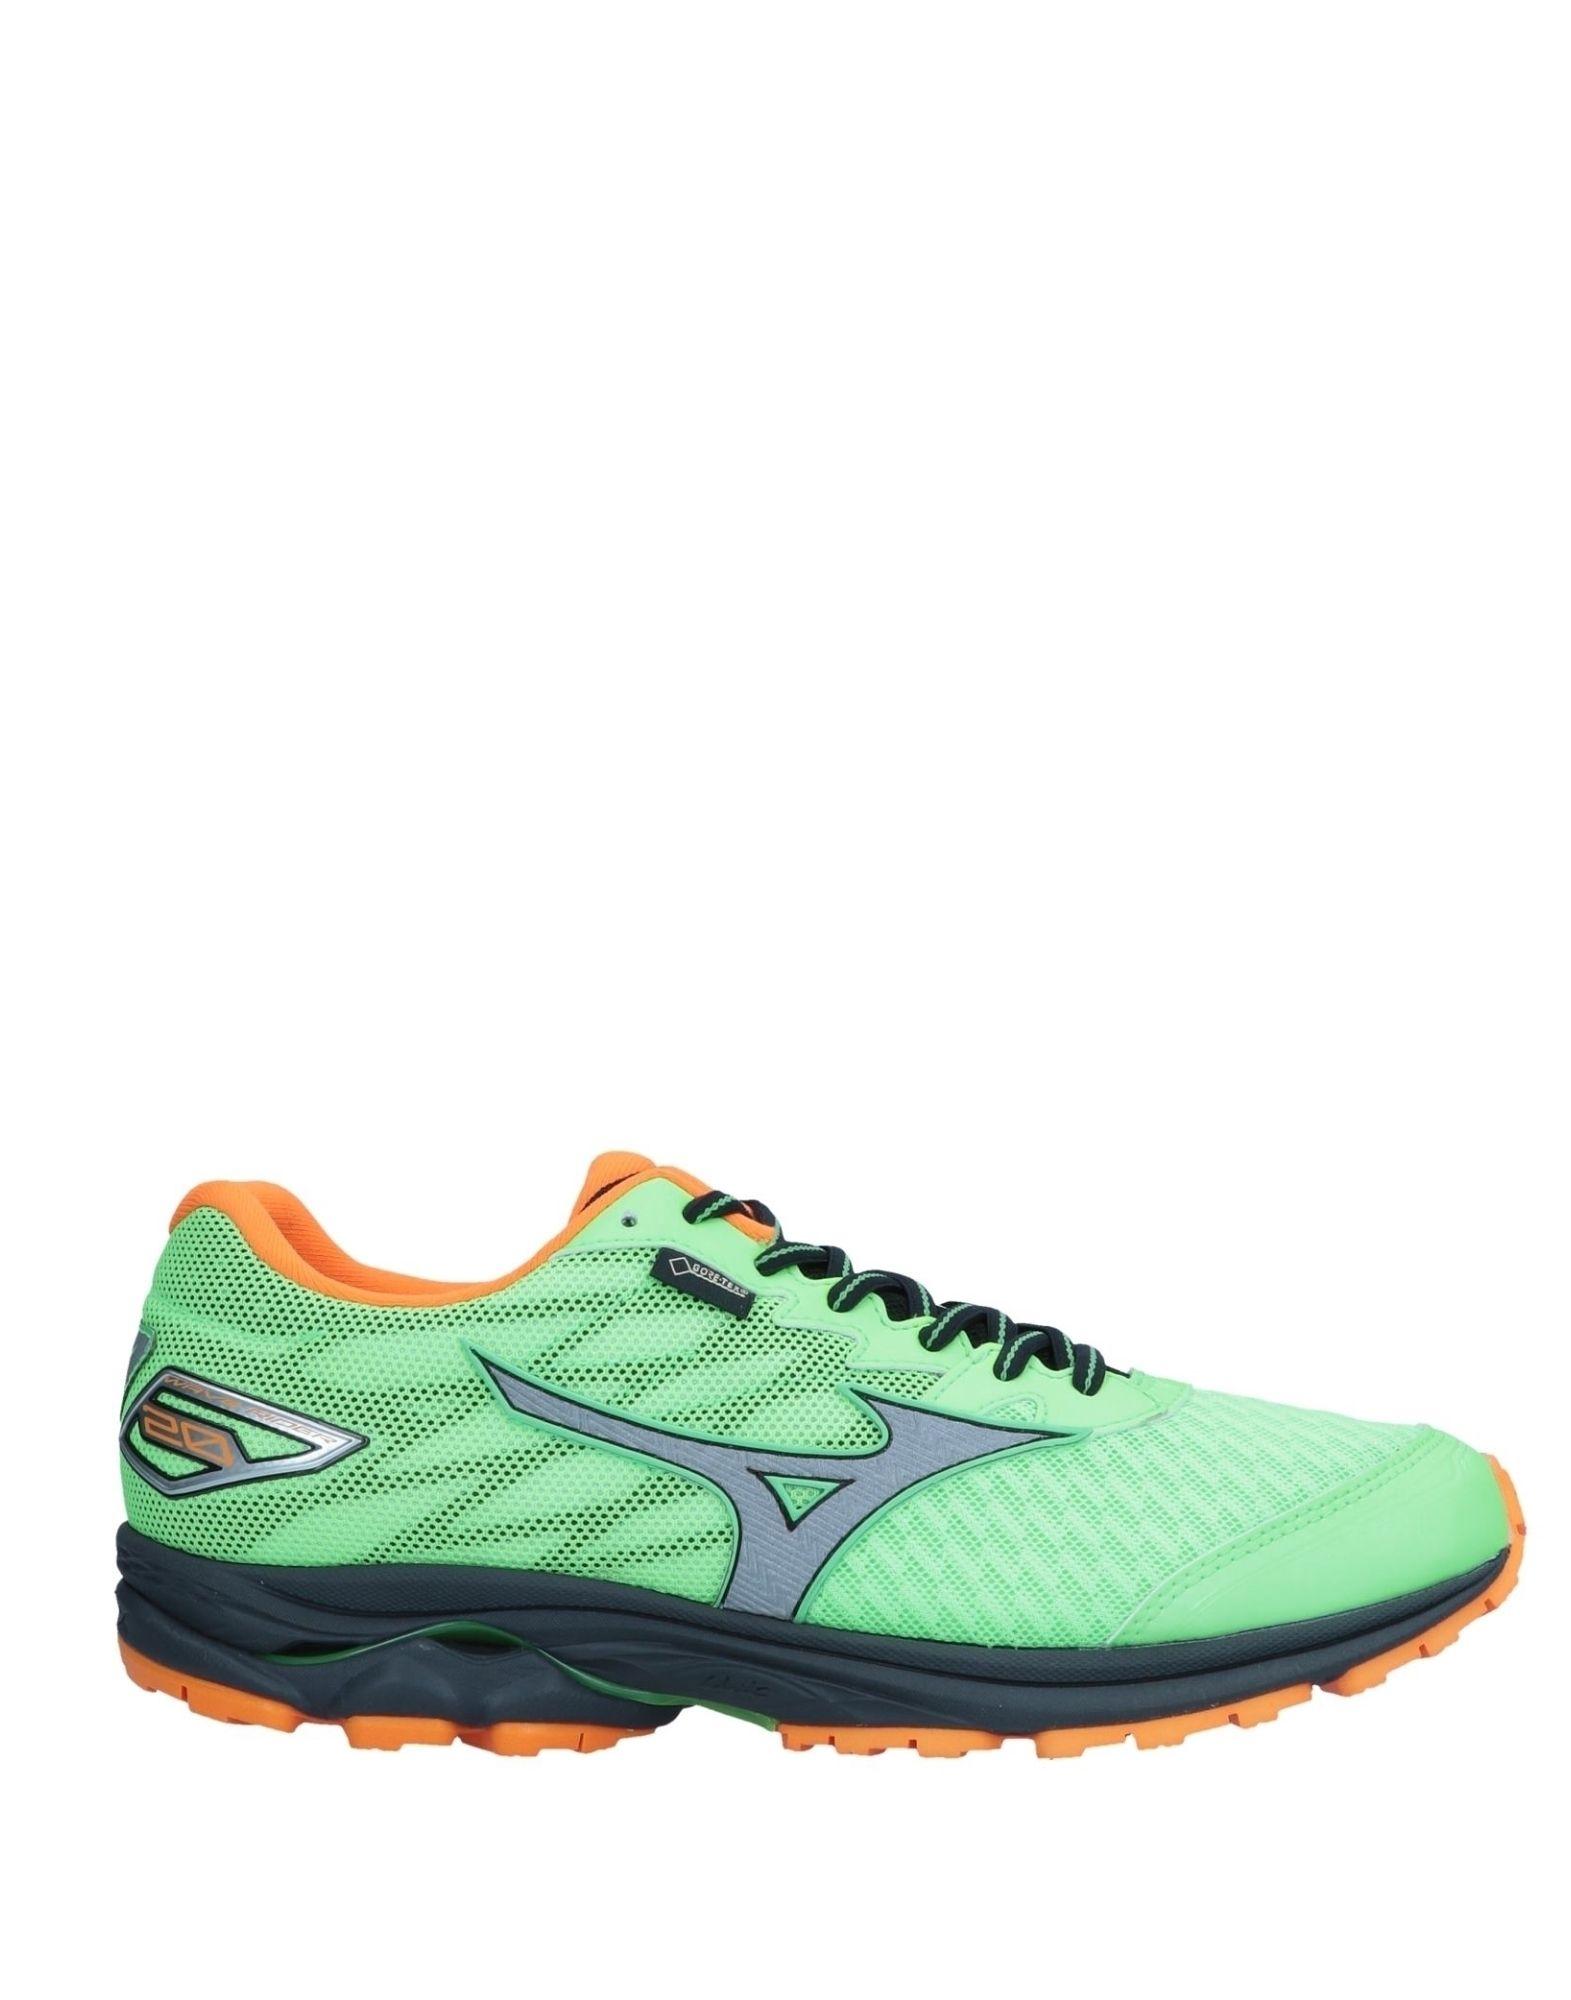 Rabatt  echte Schuhe Mizuno Sneakers Herren  Rabatt 11546918UX 22532f